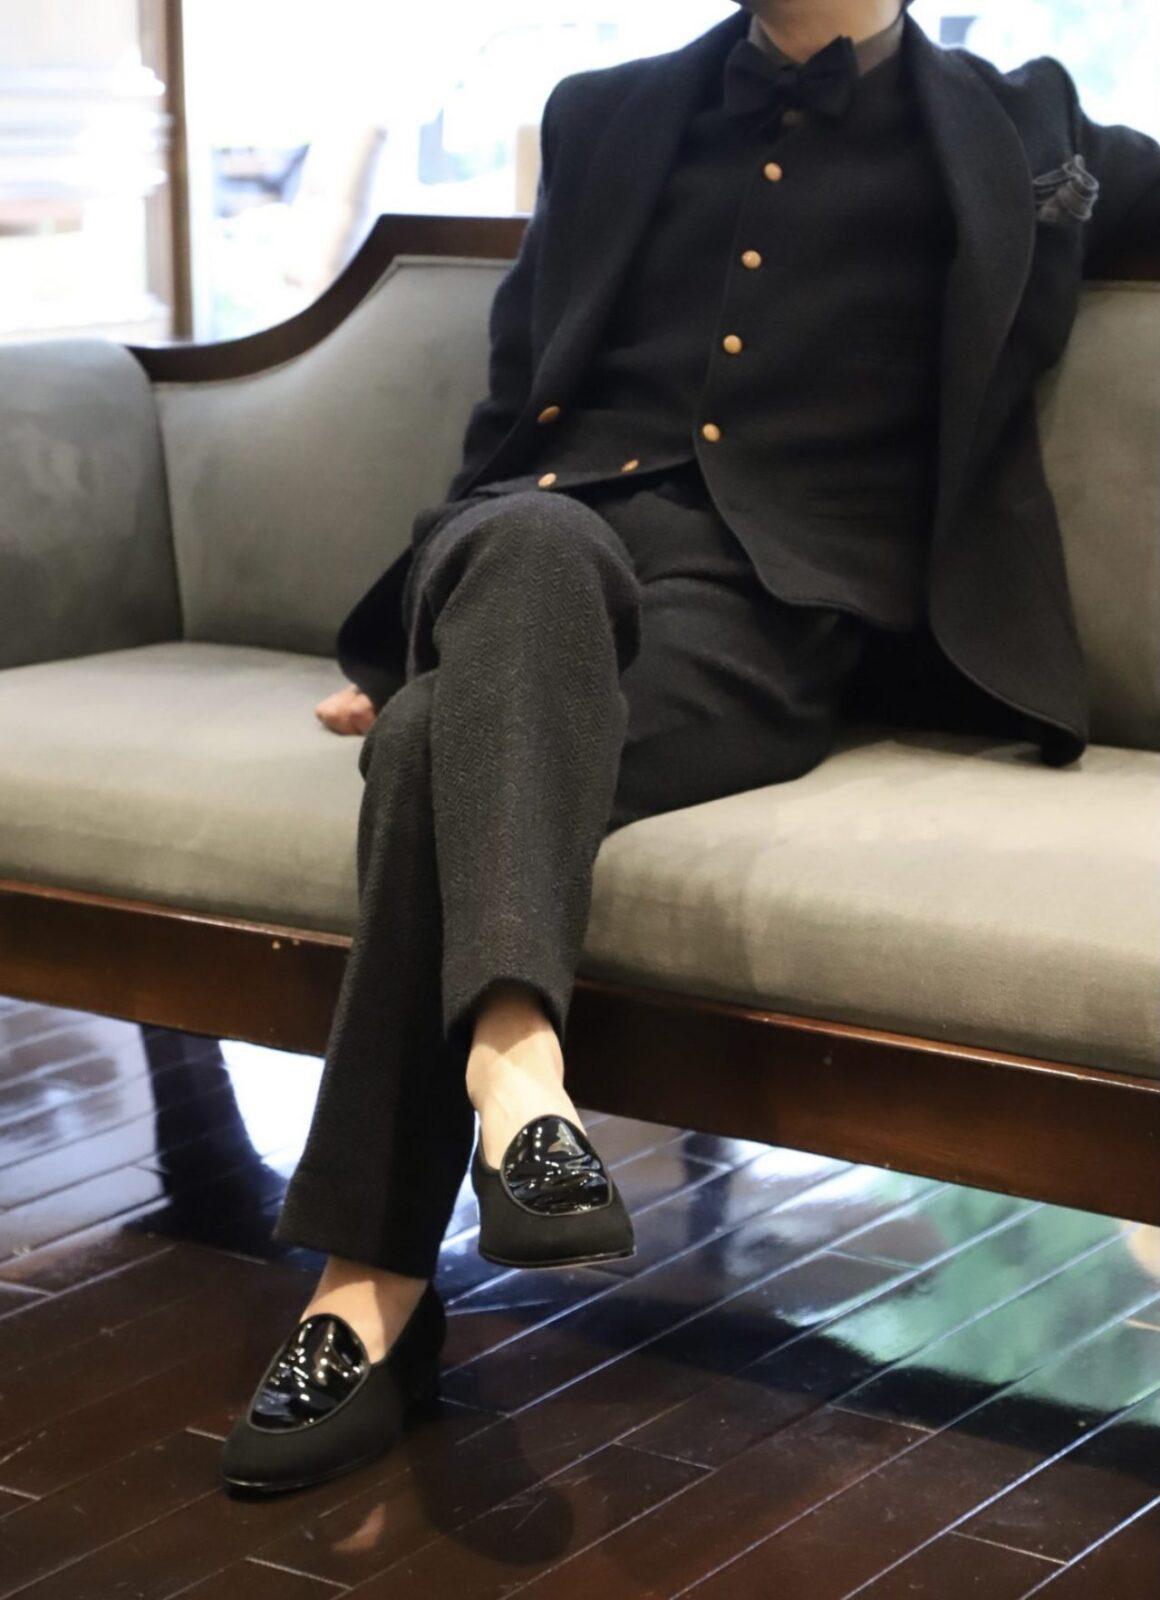 ザ・トリート・ドレッシングが提携するオリエンタルホテル神戸での式をされるの大人男性におすすめのイタリアブランドフェランテのシューズ